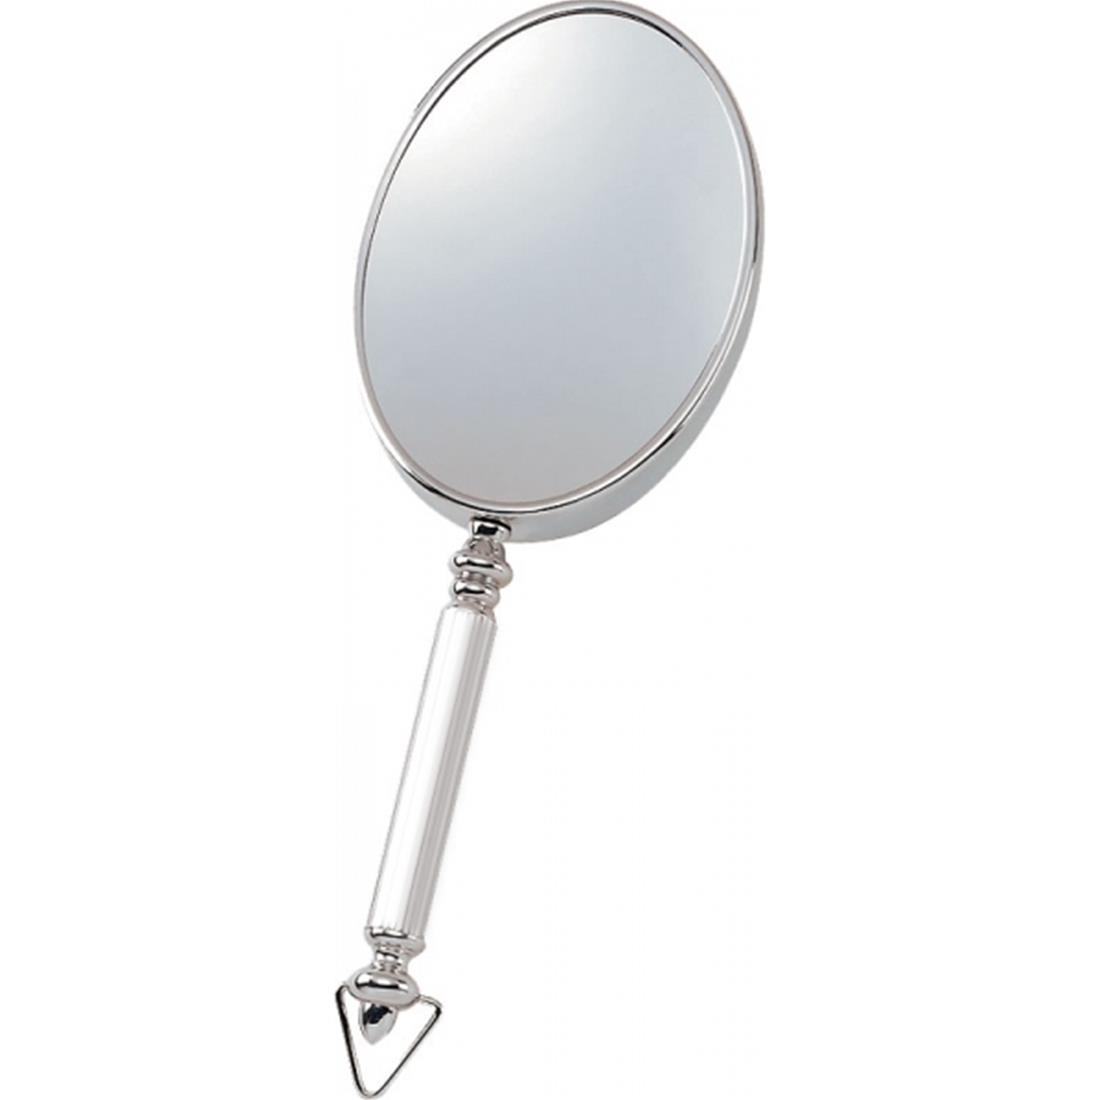 Specchio con manico e gancio mettallo lucido due lati - Specchio ingrandimento ...